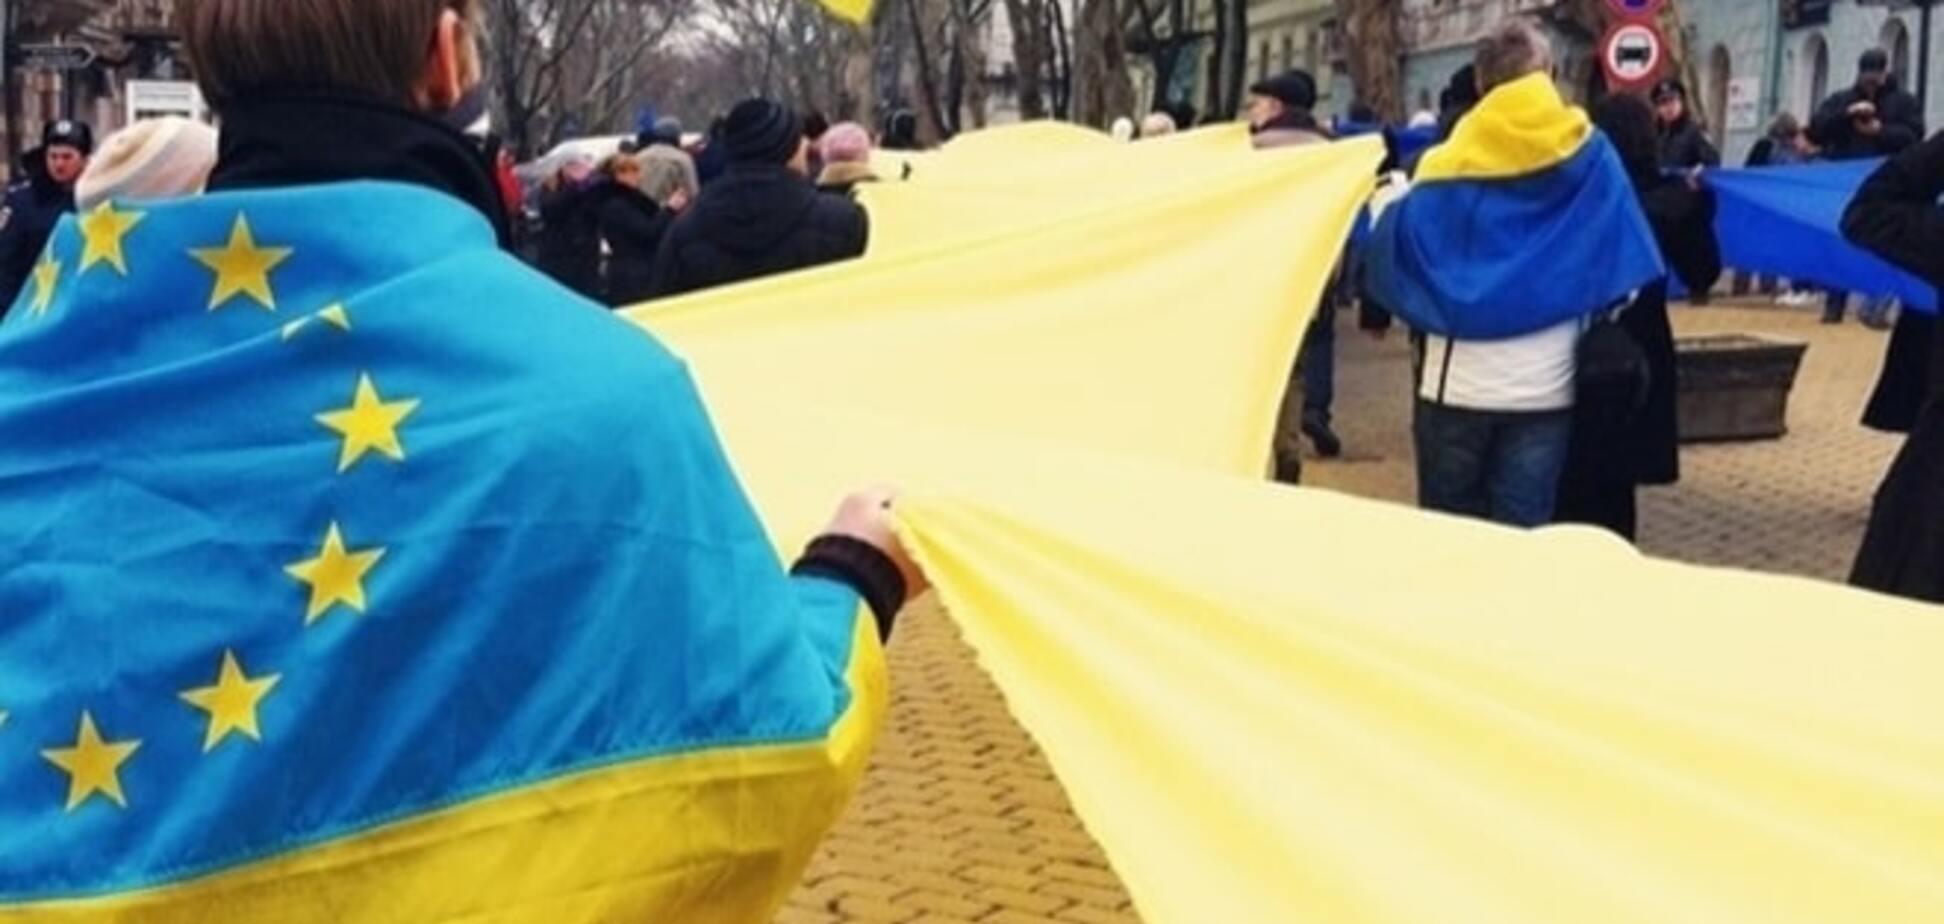 Чубайс о Евромайдане: в ЕС стремится не 'пустое место'